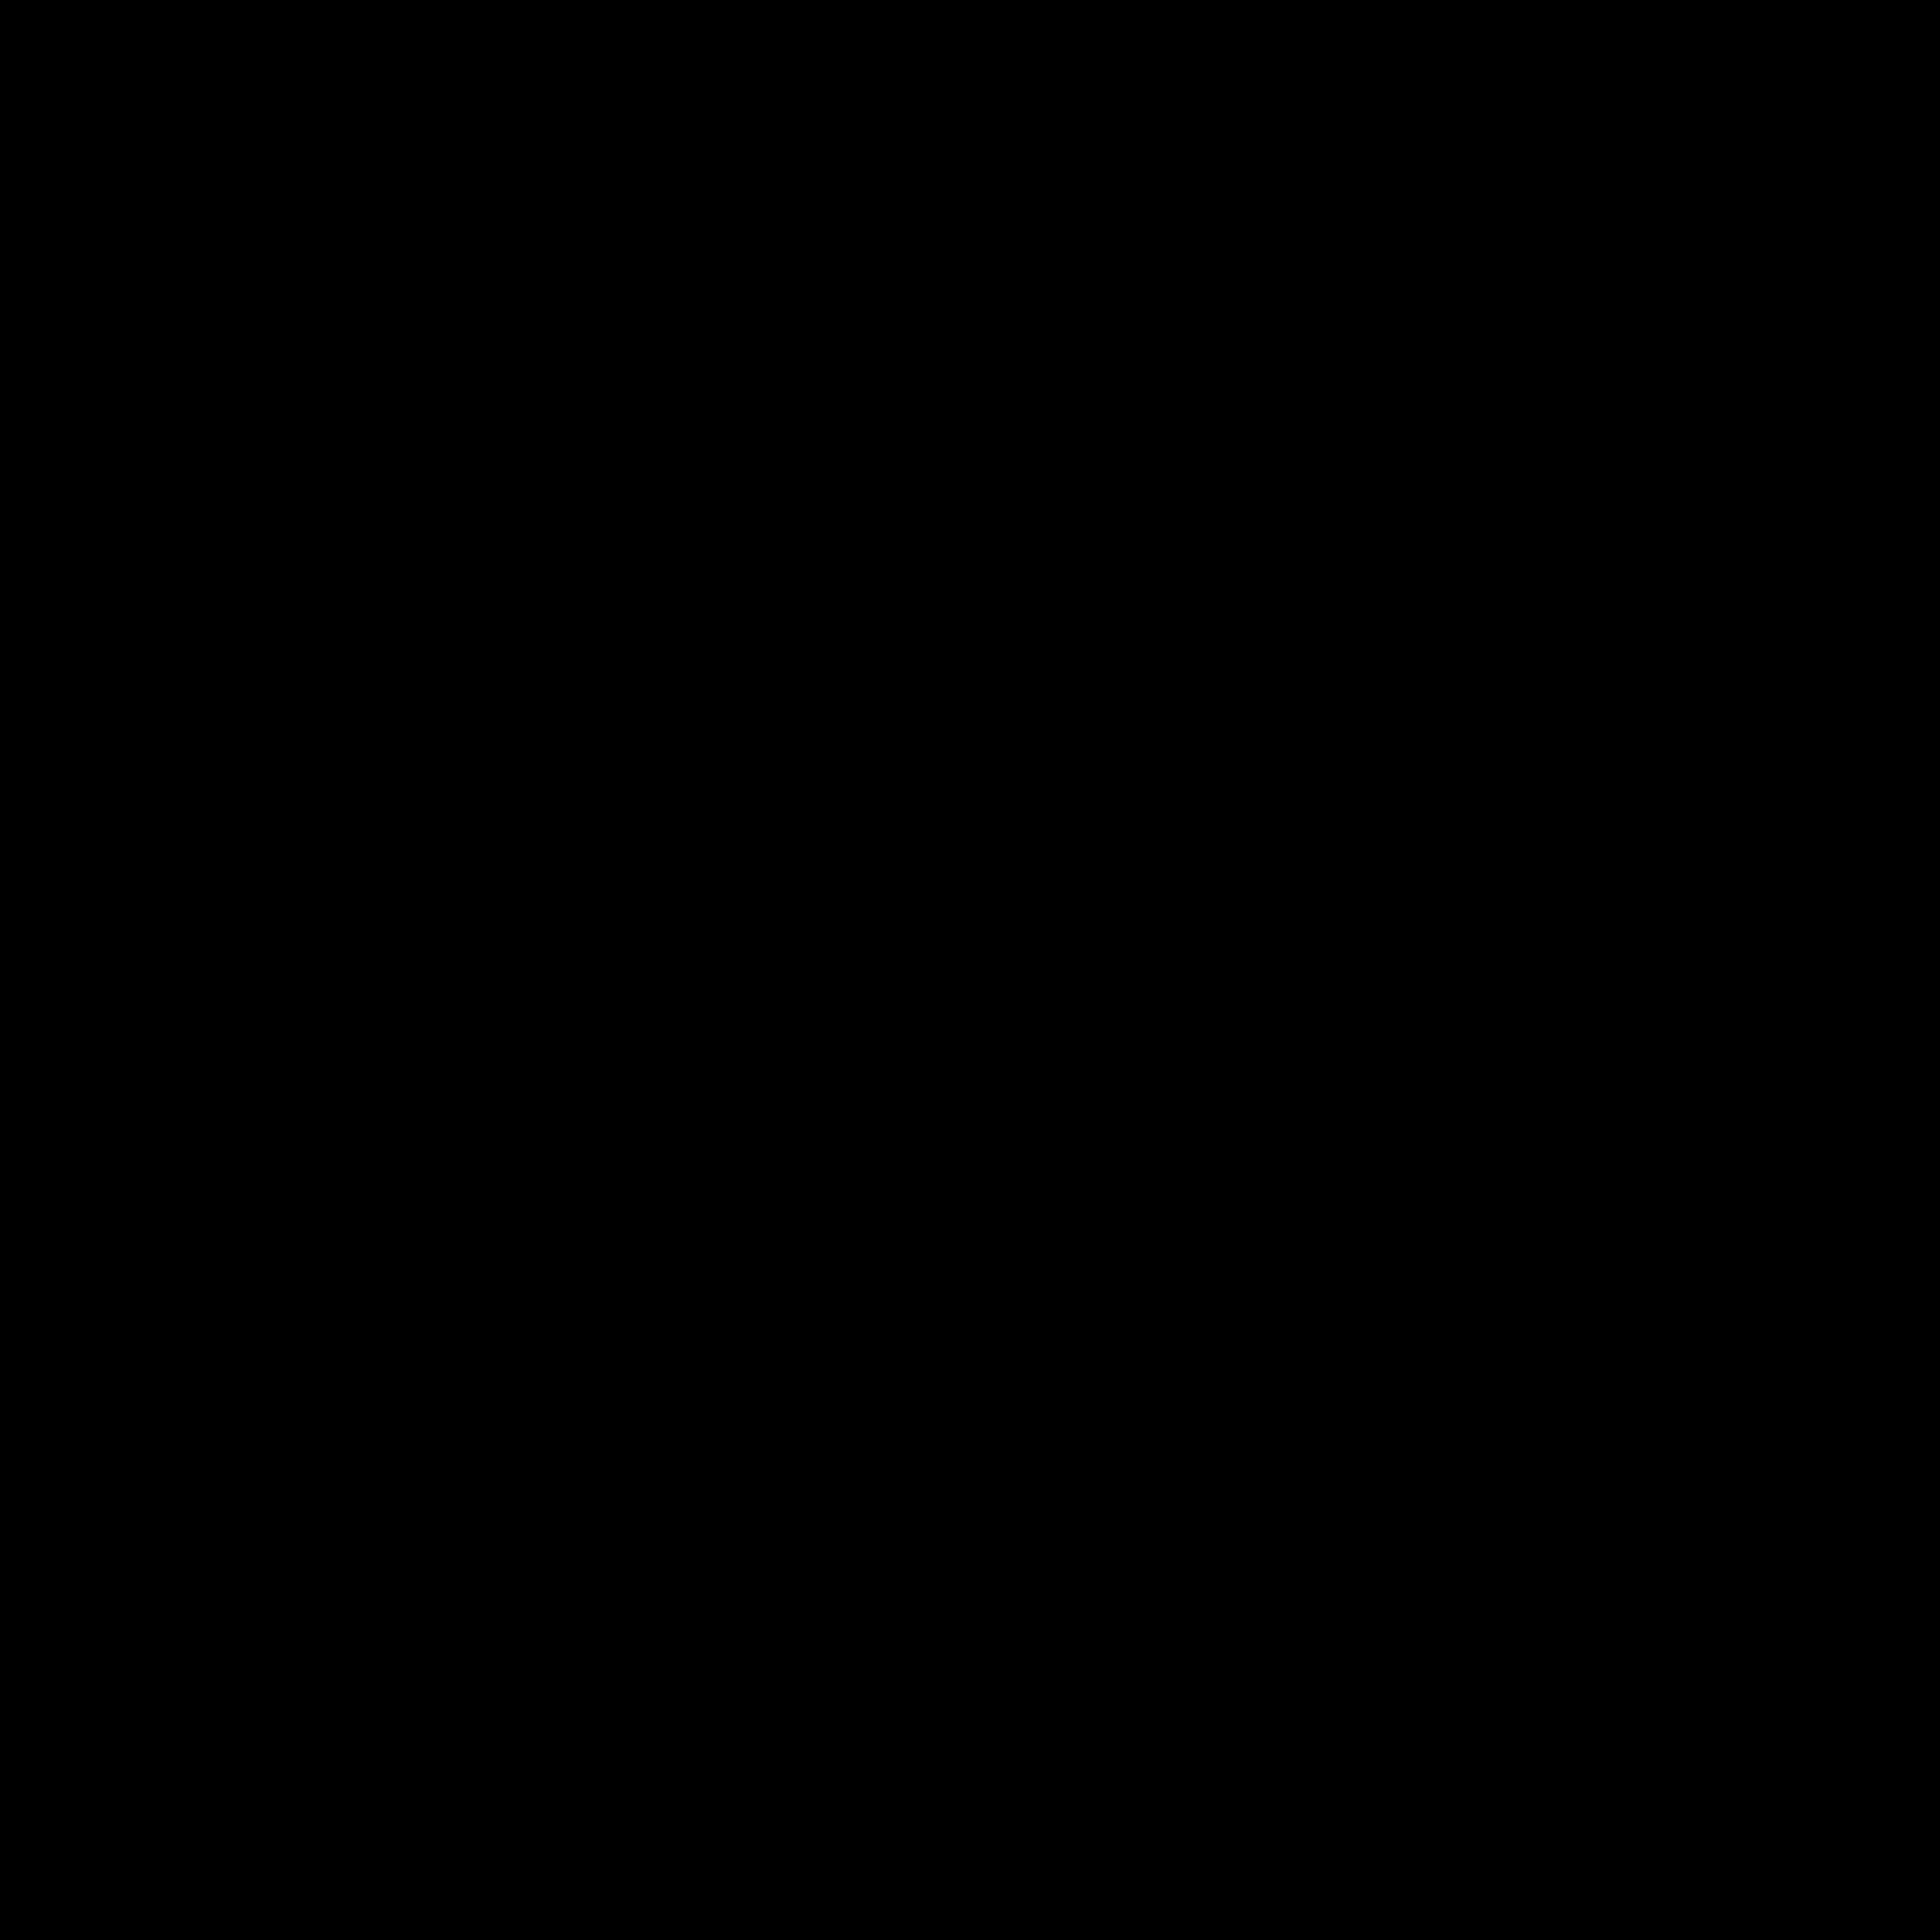 Vector Blogger Logo Free #10161.